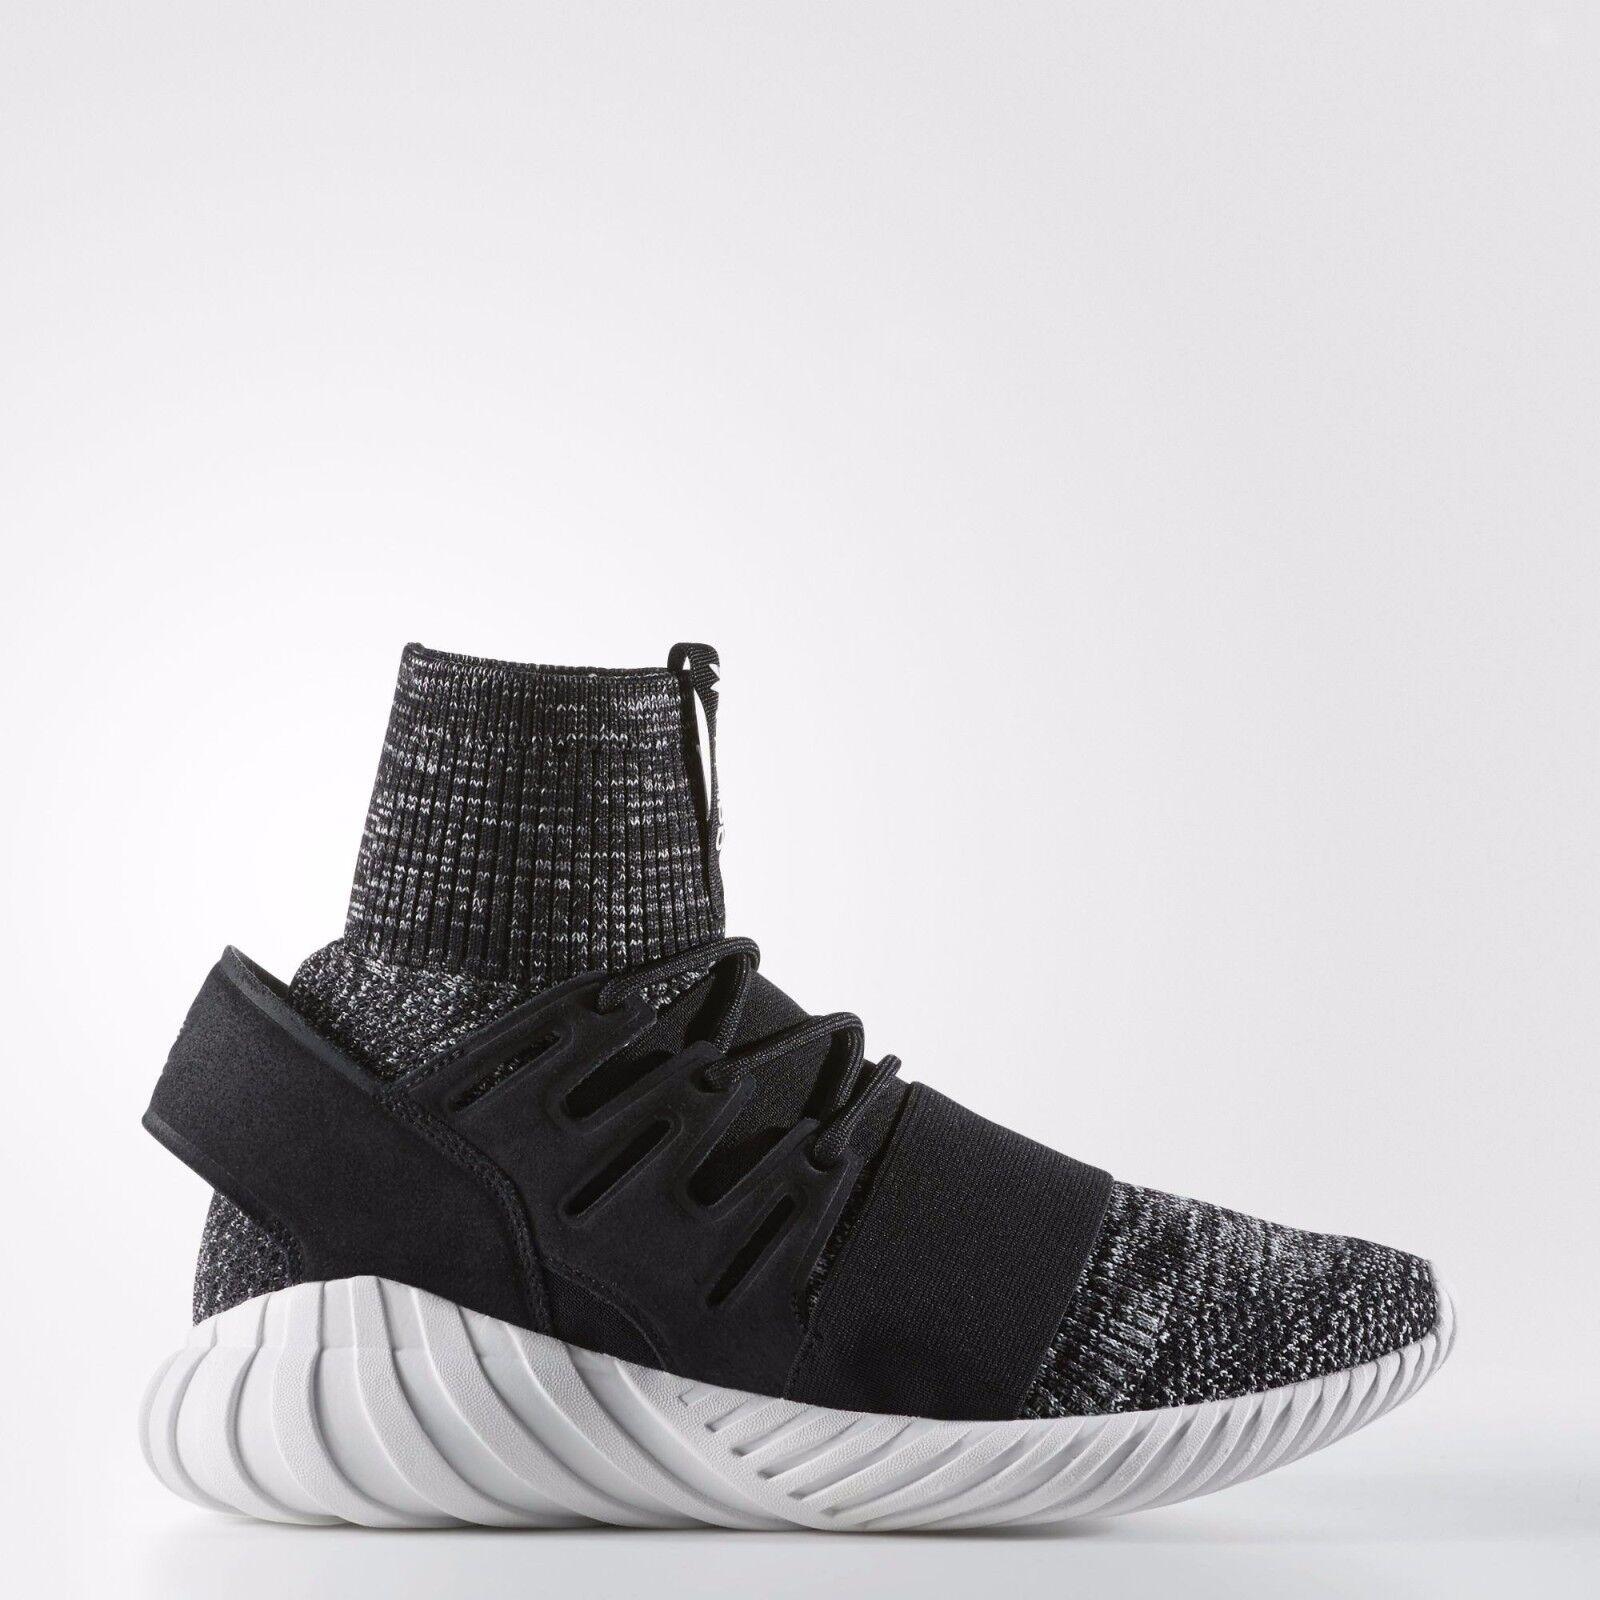 Adidas Condenación Tubular Hombre Primeknit Zapatos Negro jsx7Qj